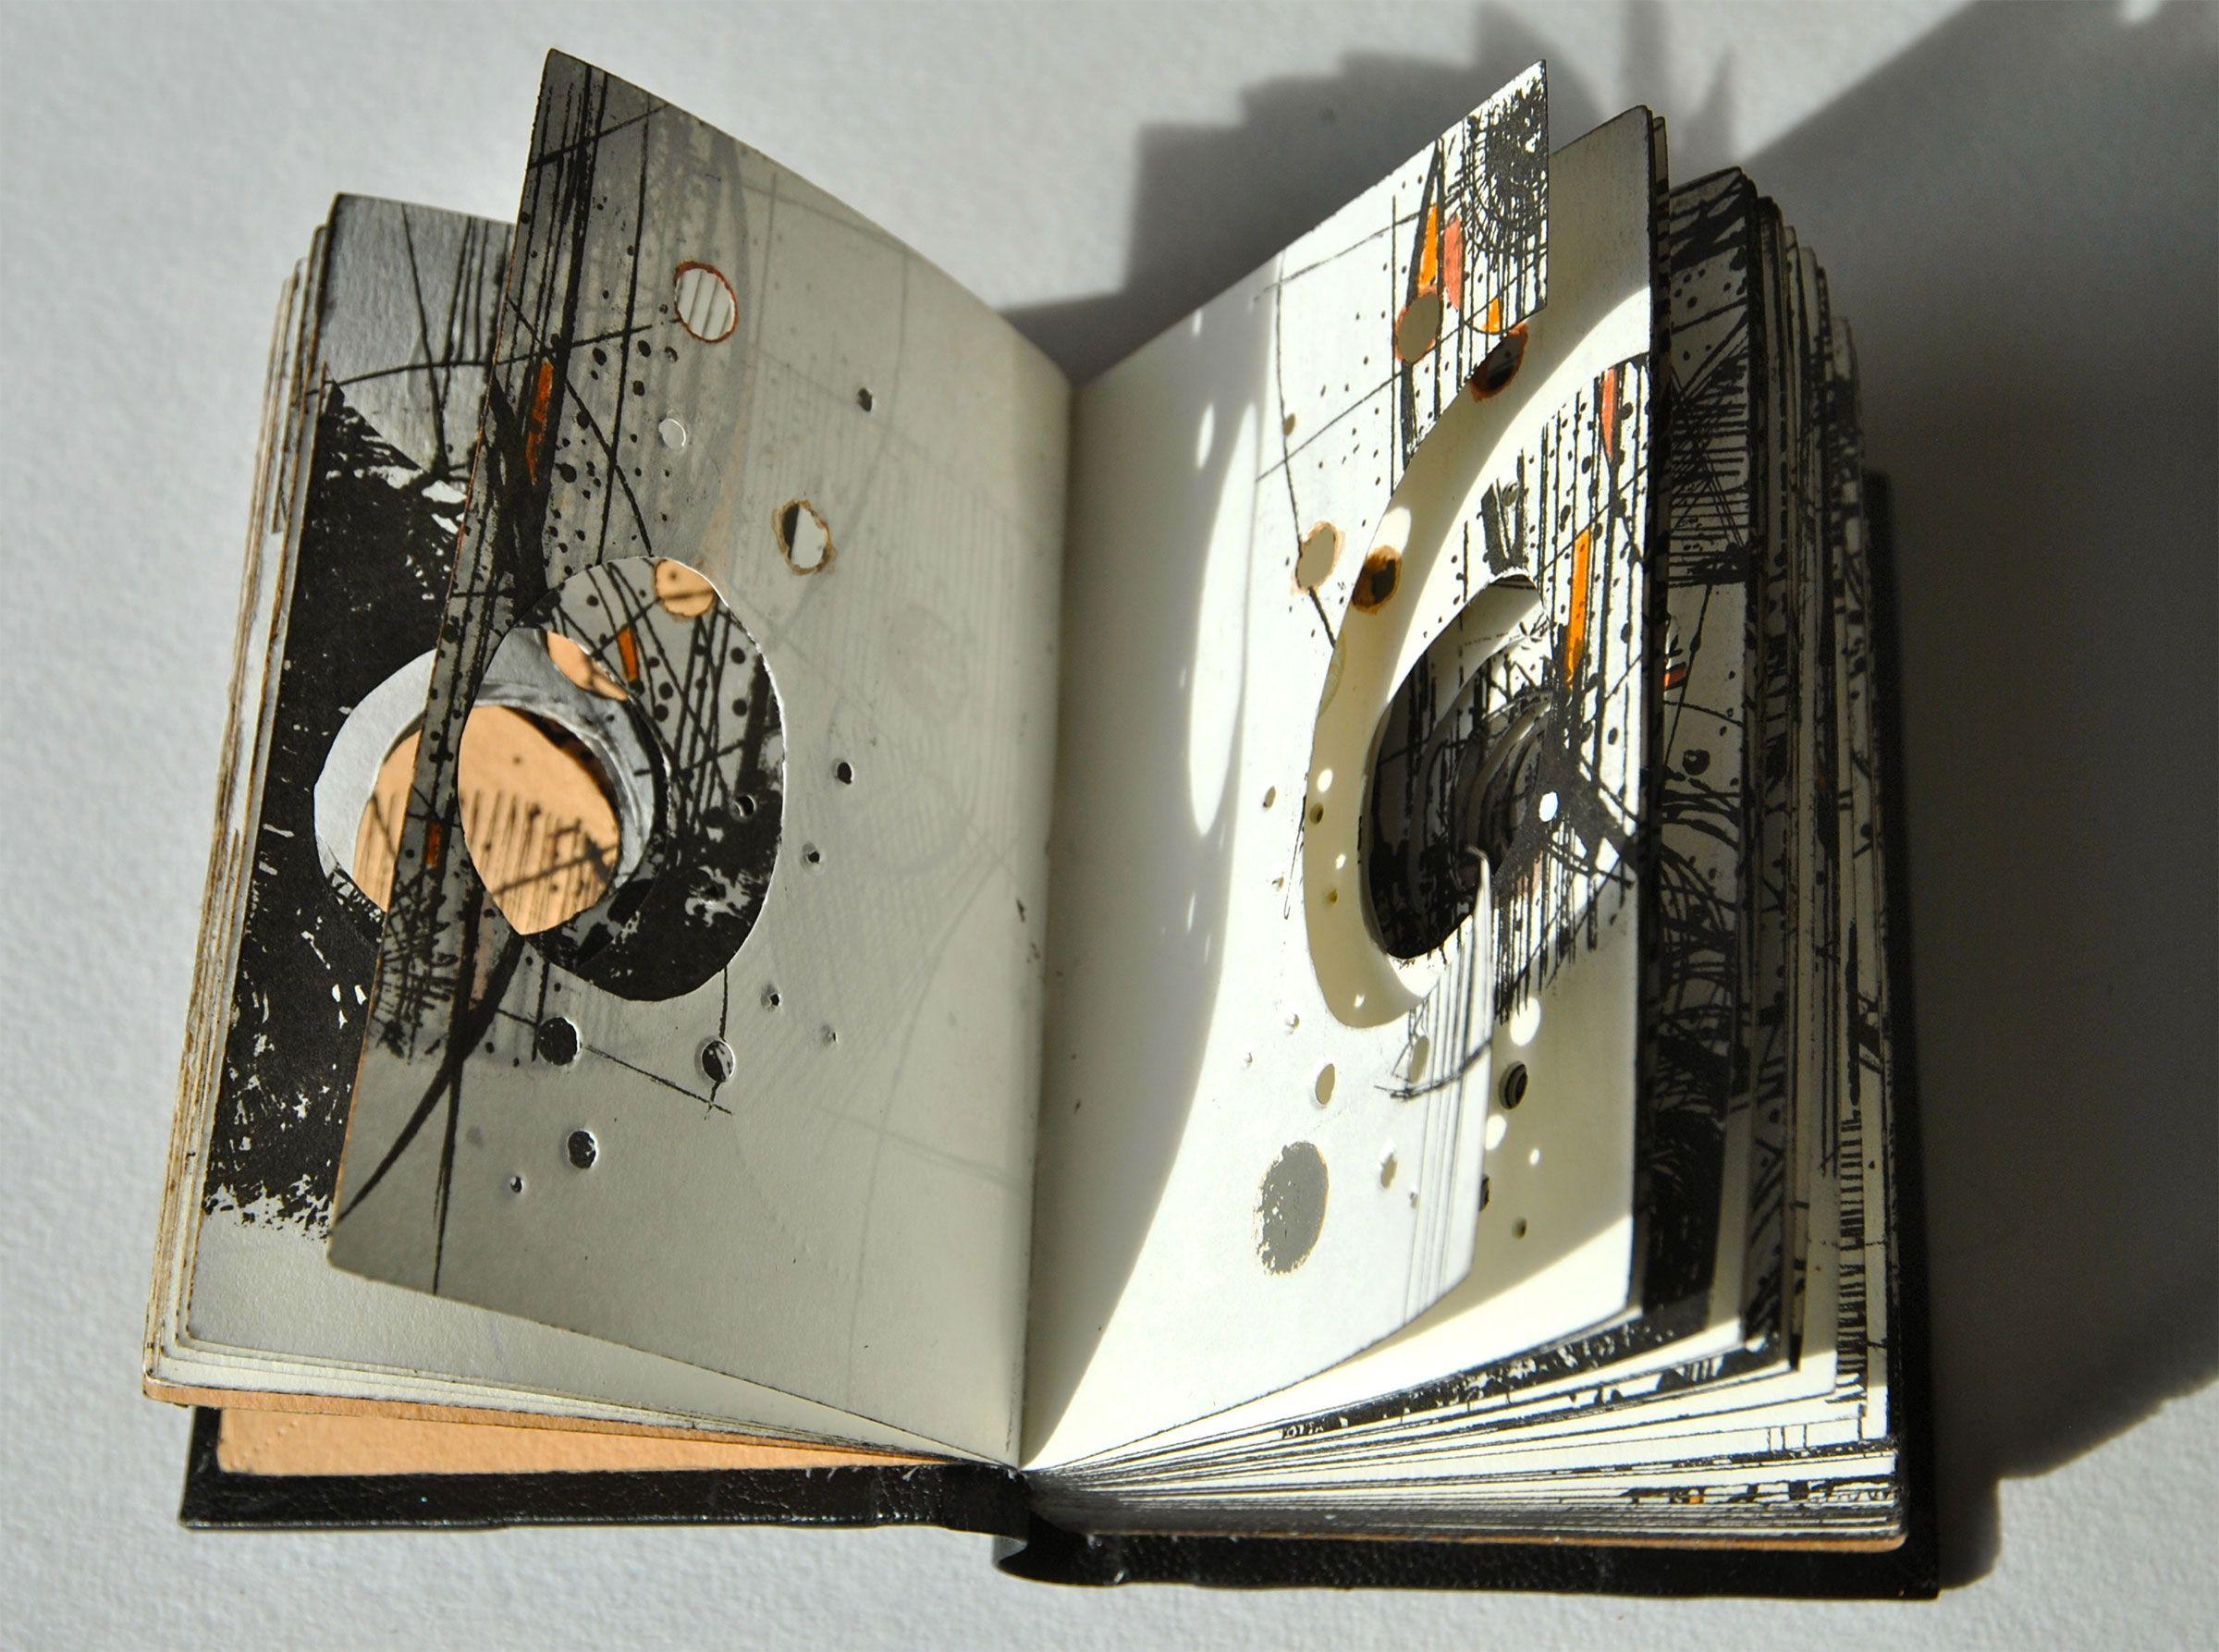 Resultat De Recherche D Images Pour Livres D Artistes Livre D Artiste Carnet De Dessin Art Du Papier